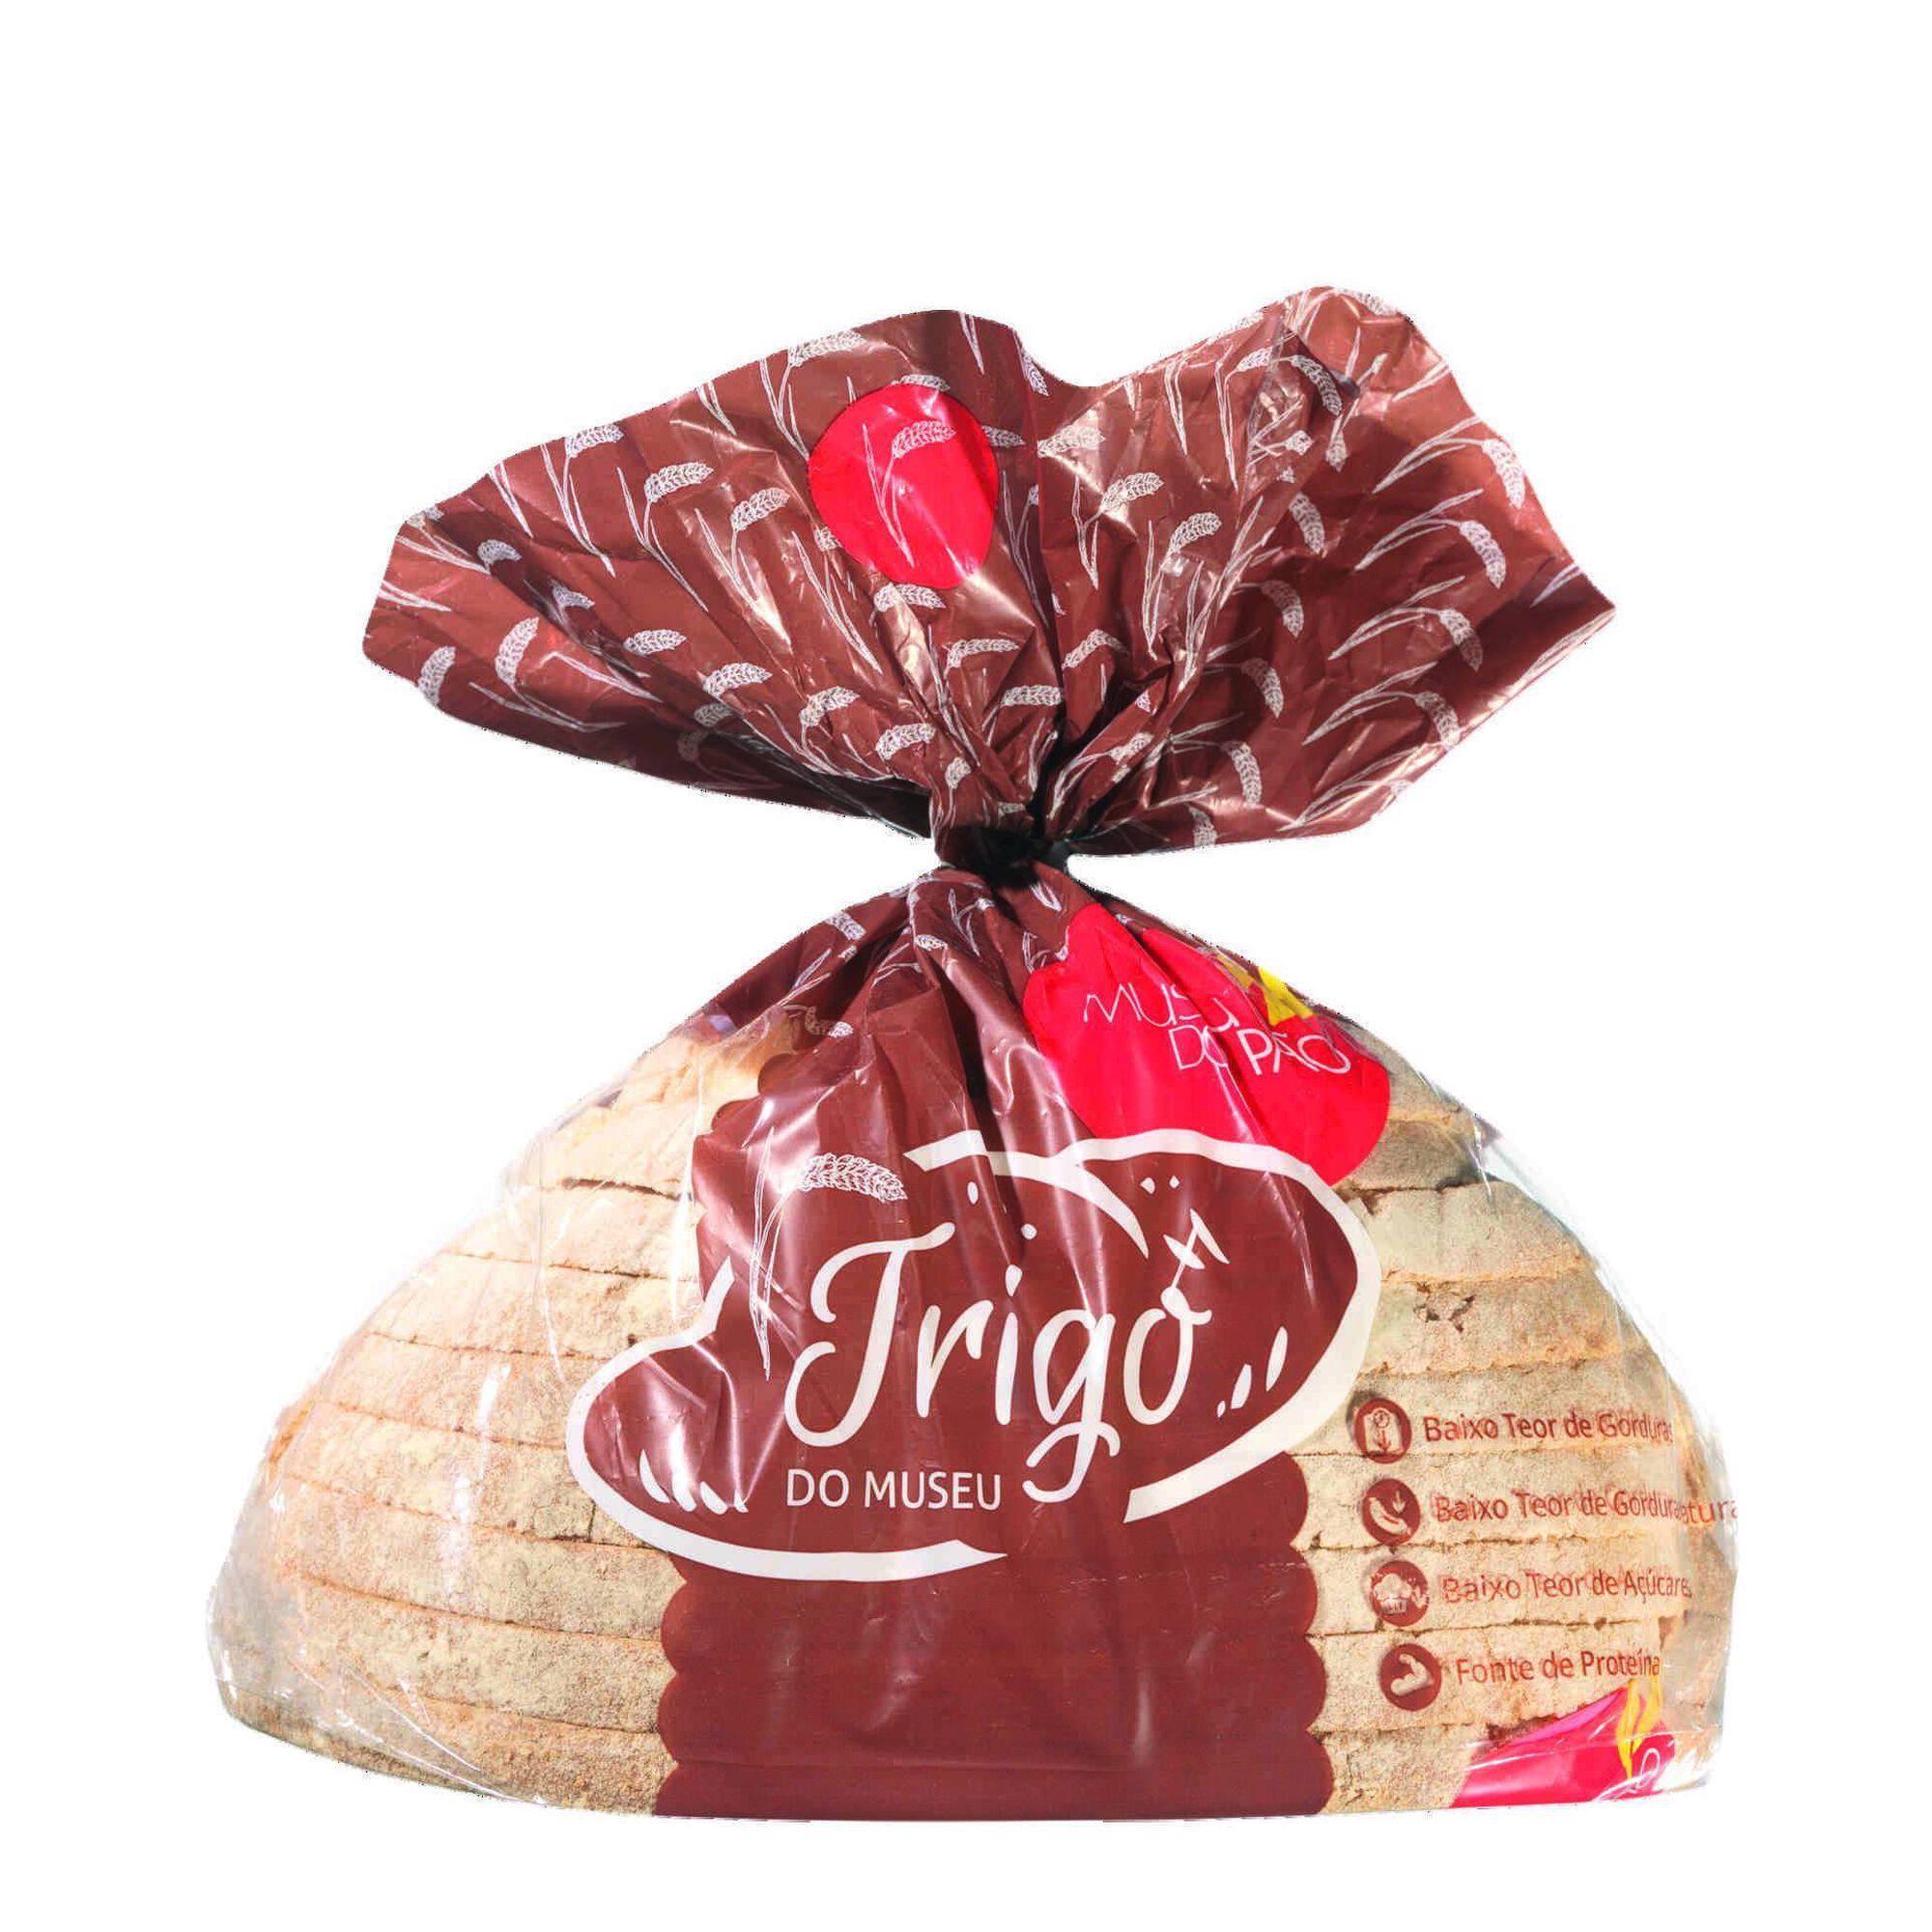 Pão de Trigo da Serra da Estrela Fatiado